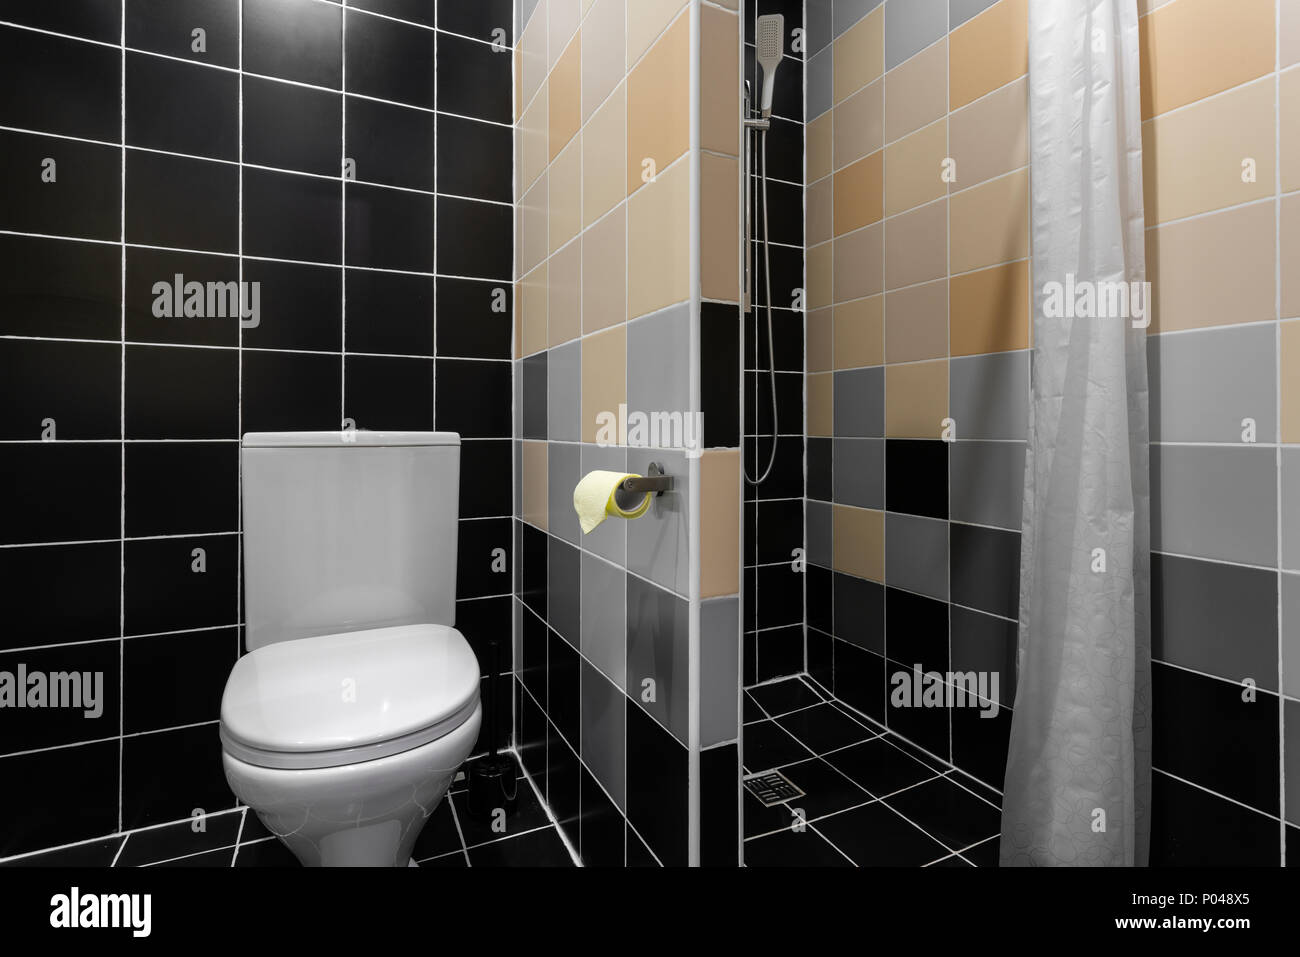 Bagno con doccia wc e lavandino hotel camera standart semplici